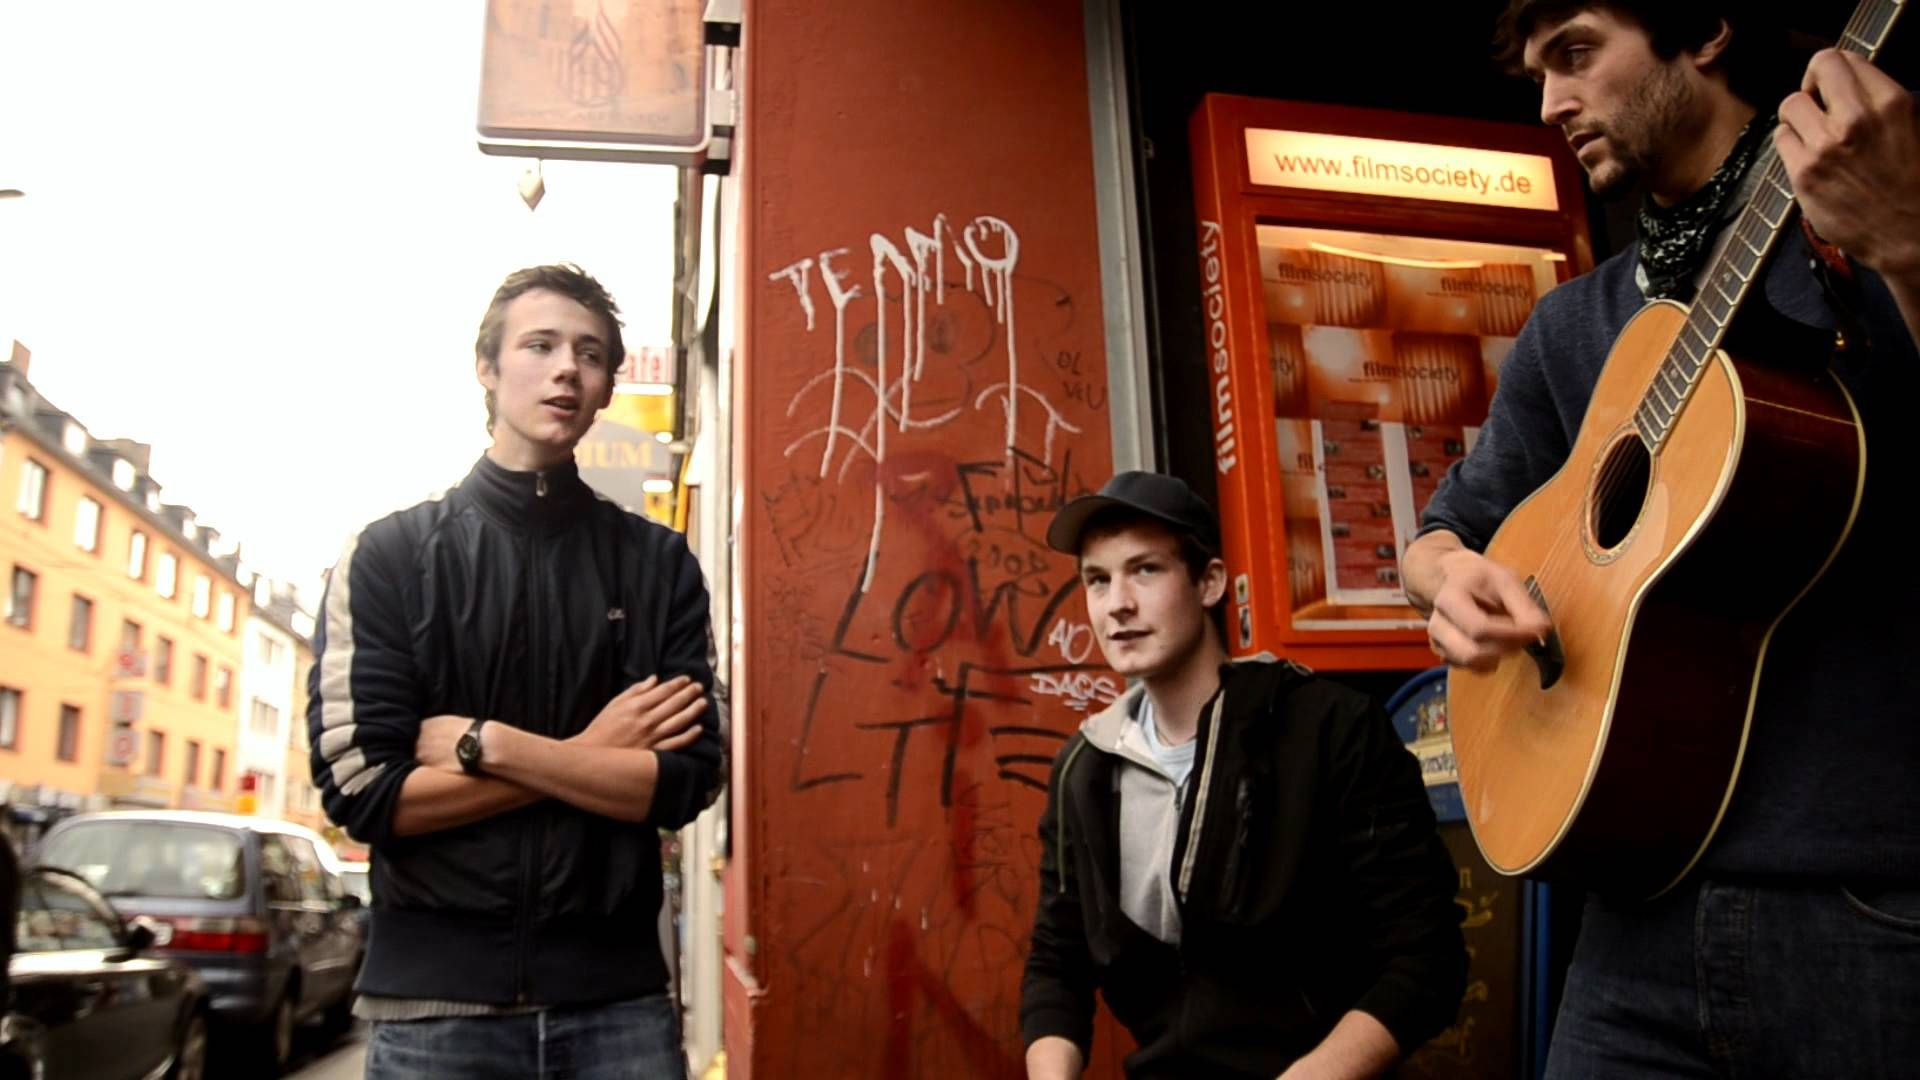 хеннинг май с группой поют на улице